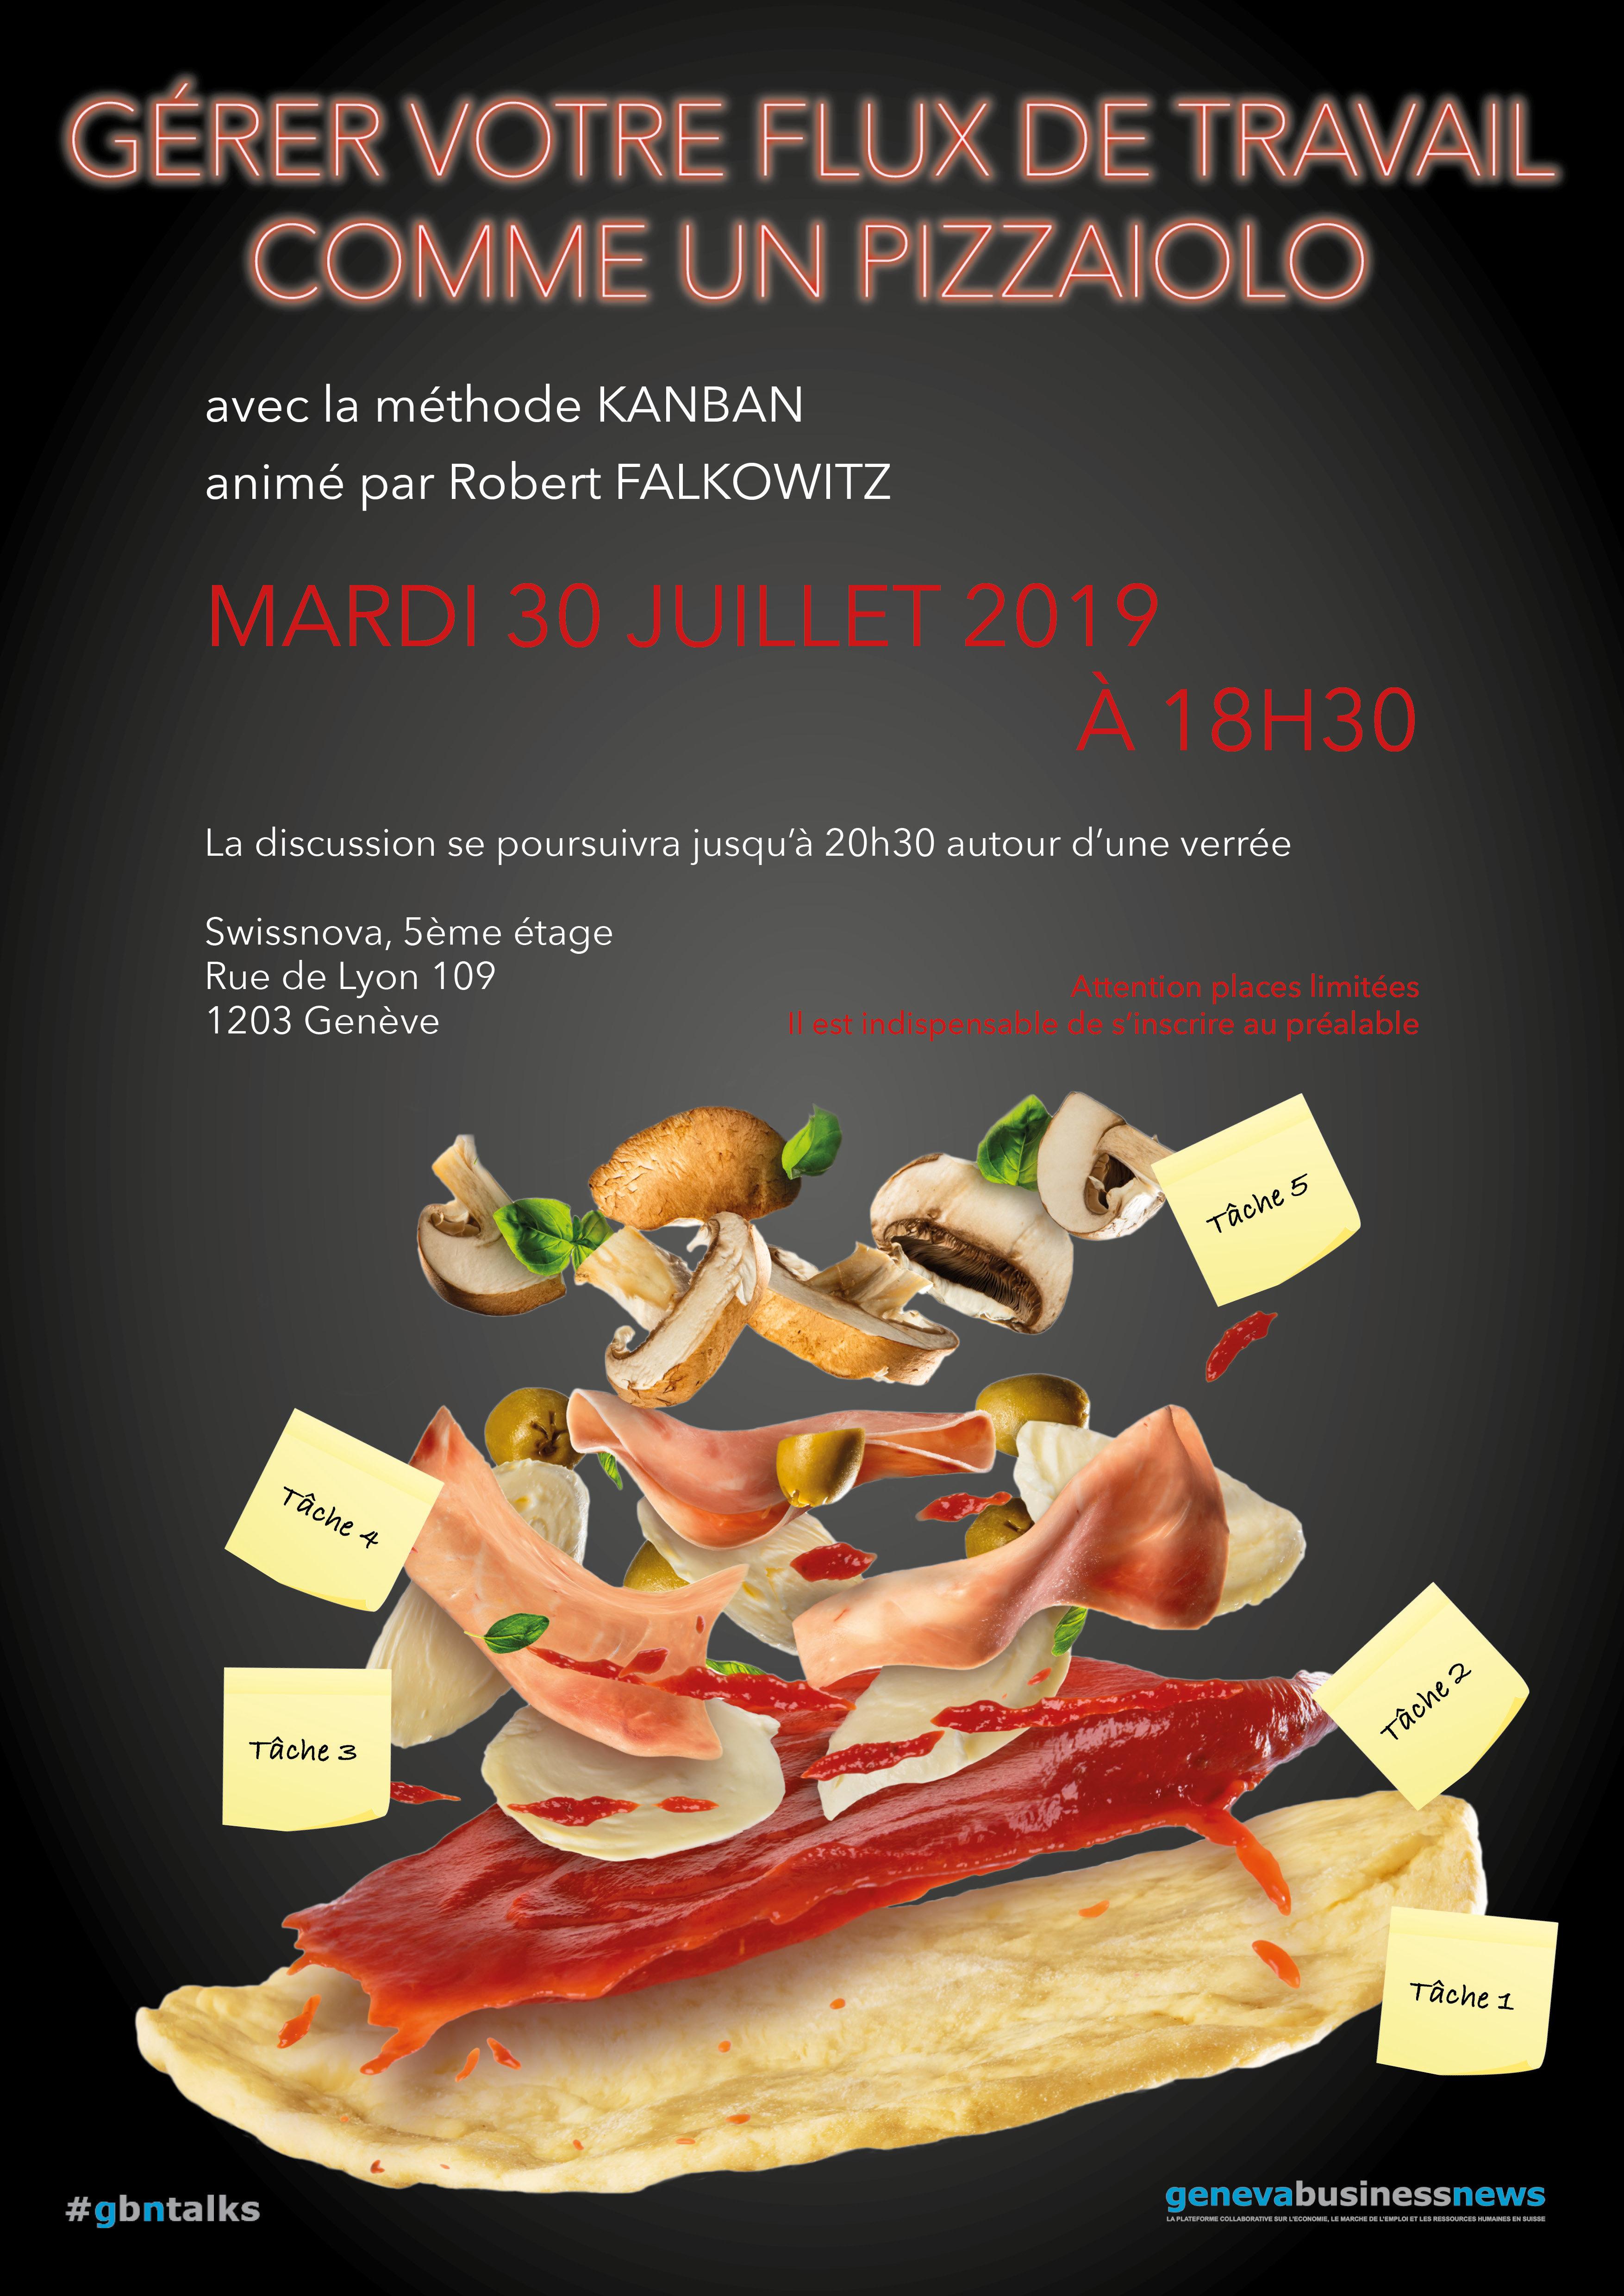 Kanban pizza game